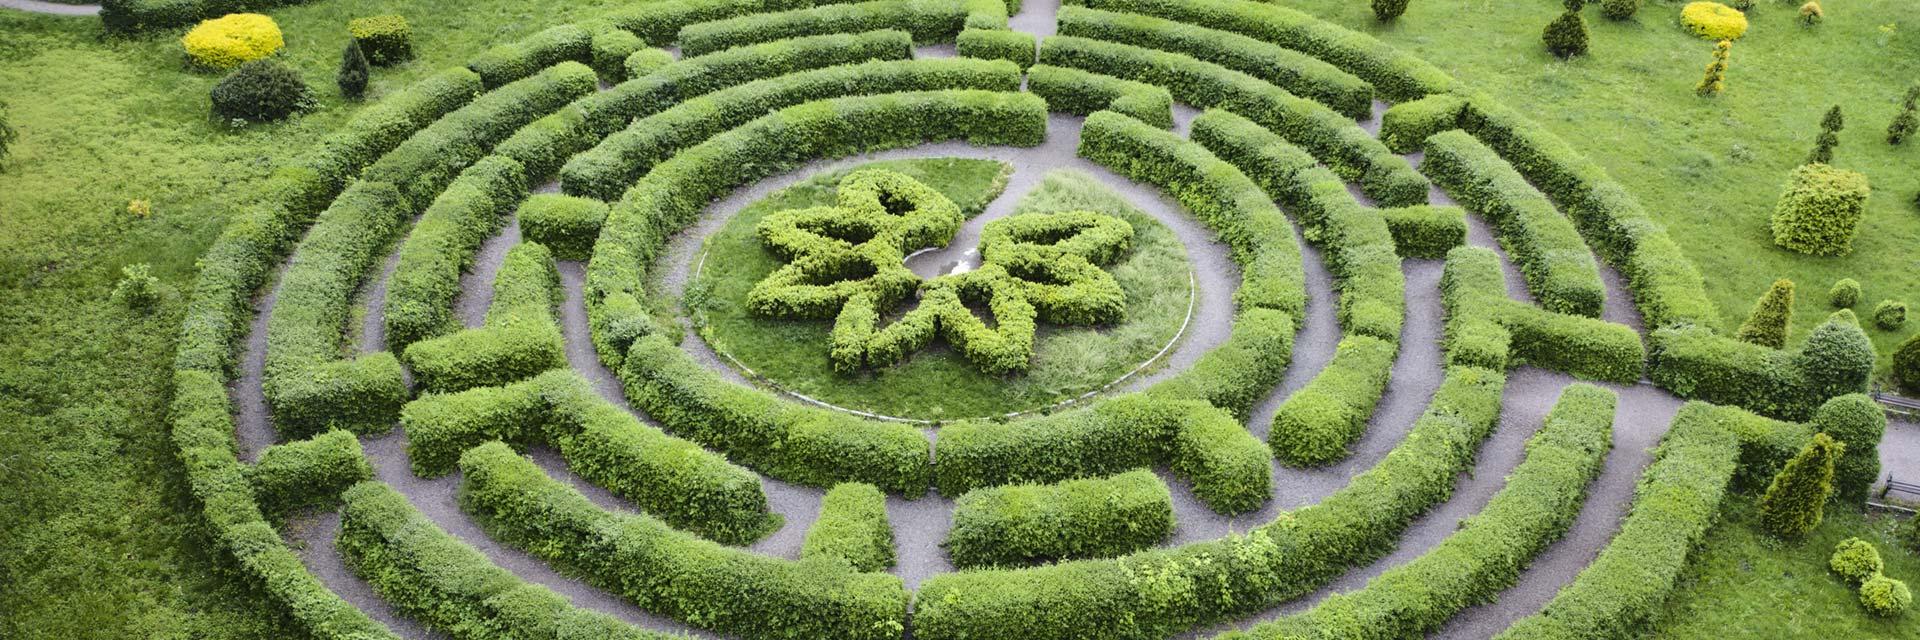 Välja coach illustrerat av en buxbom labyrint